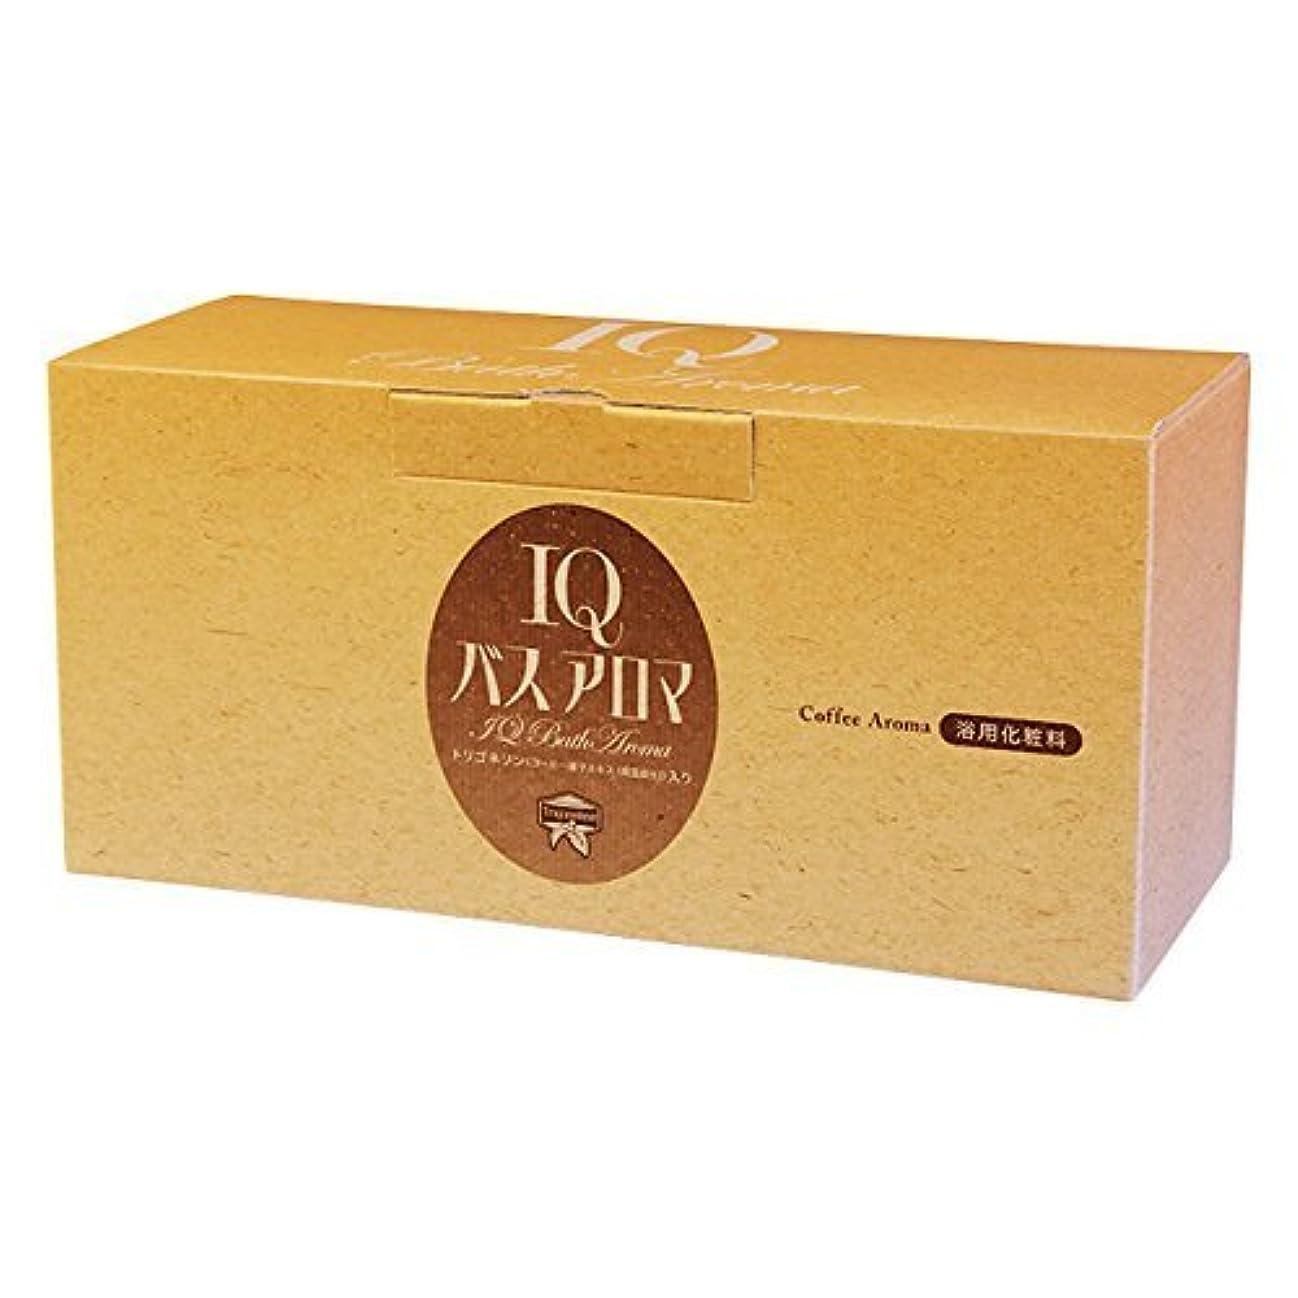 過激派線形司法IQバスアロマ IQ Bath Aroma ―トリゴネリン入り入浴剤―